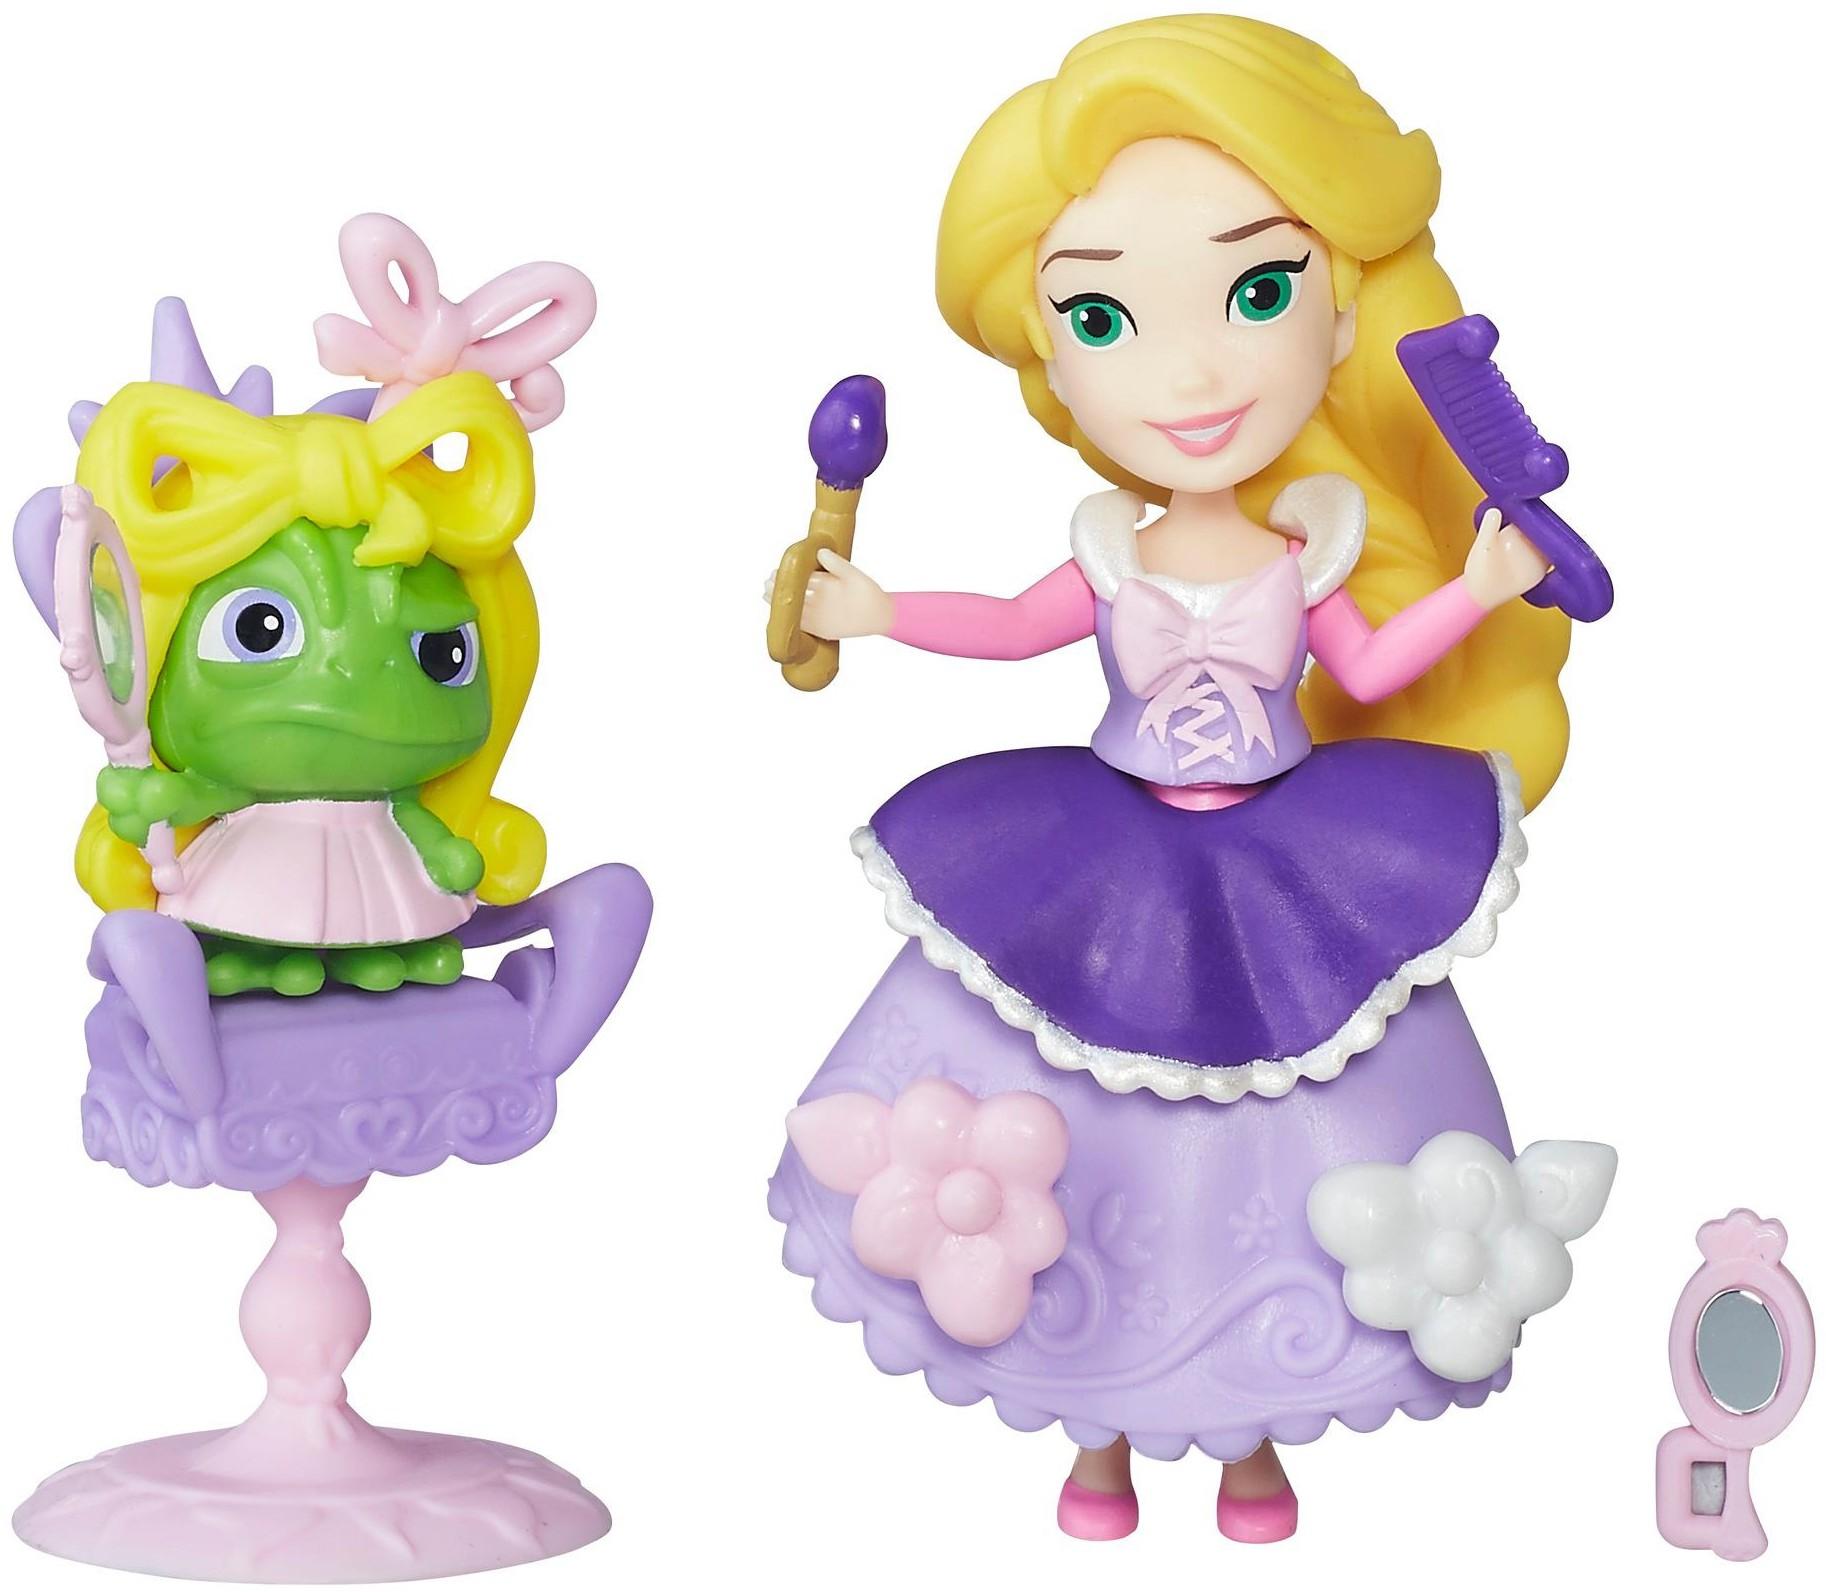 Disney Princess Disney Princess Маленькая Принцесса с аксессуарами disney princess игровой набор с куклой easy styles ариэль